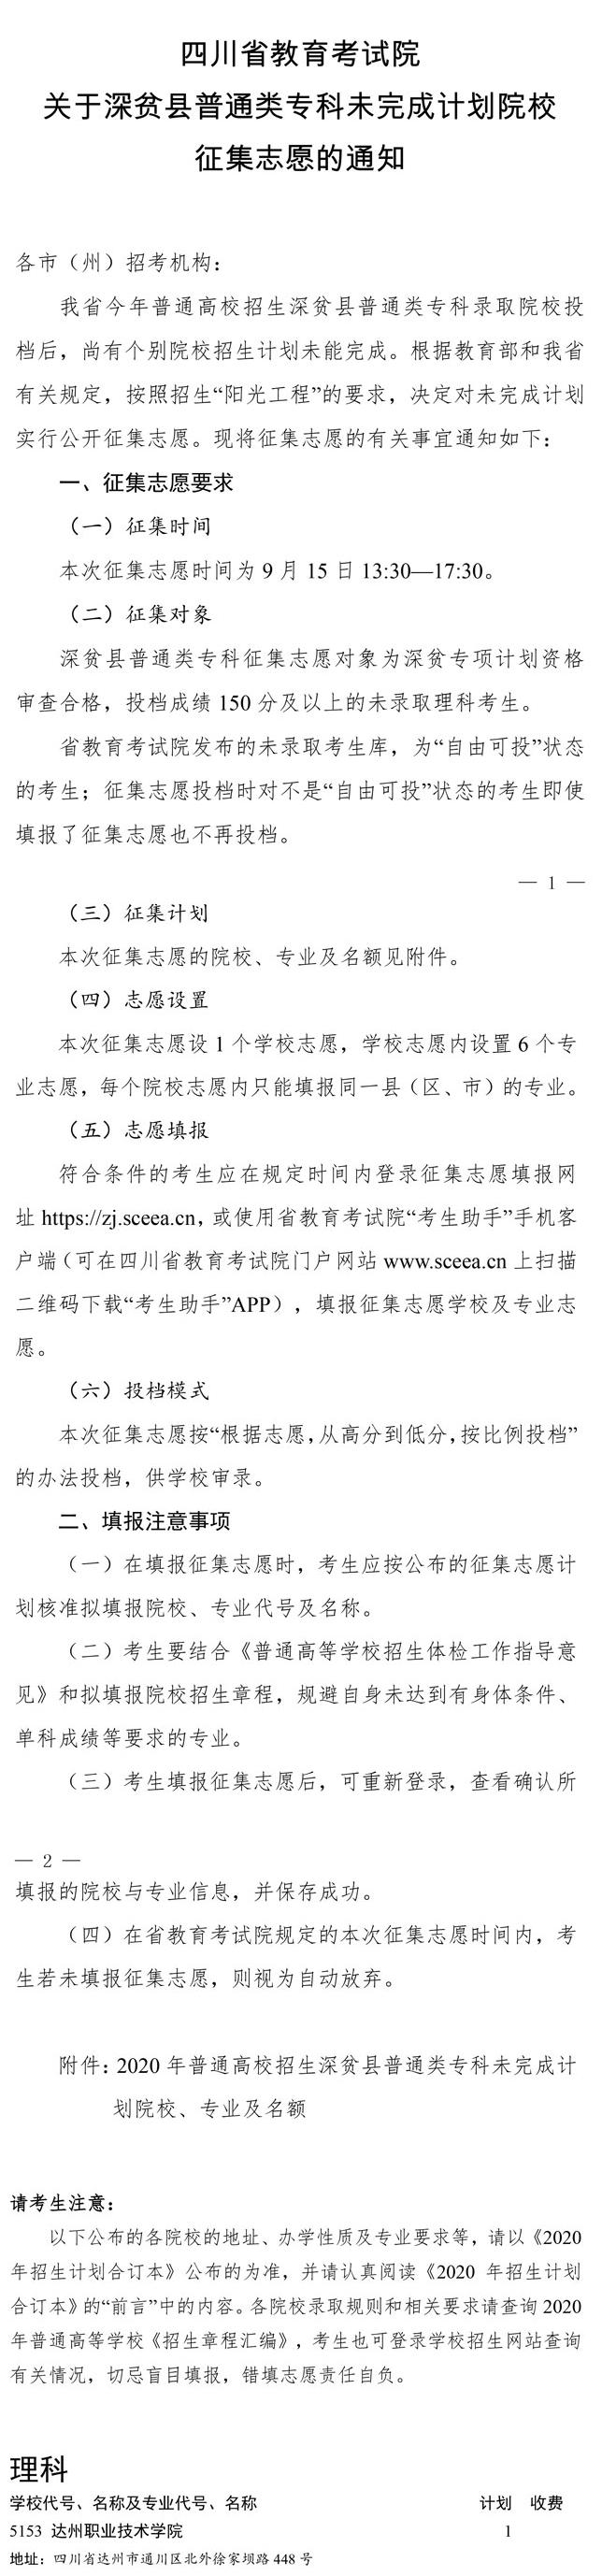 四川2020关于深贫县普通类专科未完成计划院校征集志愿的通知